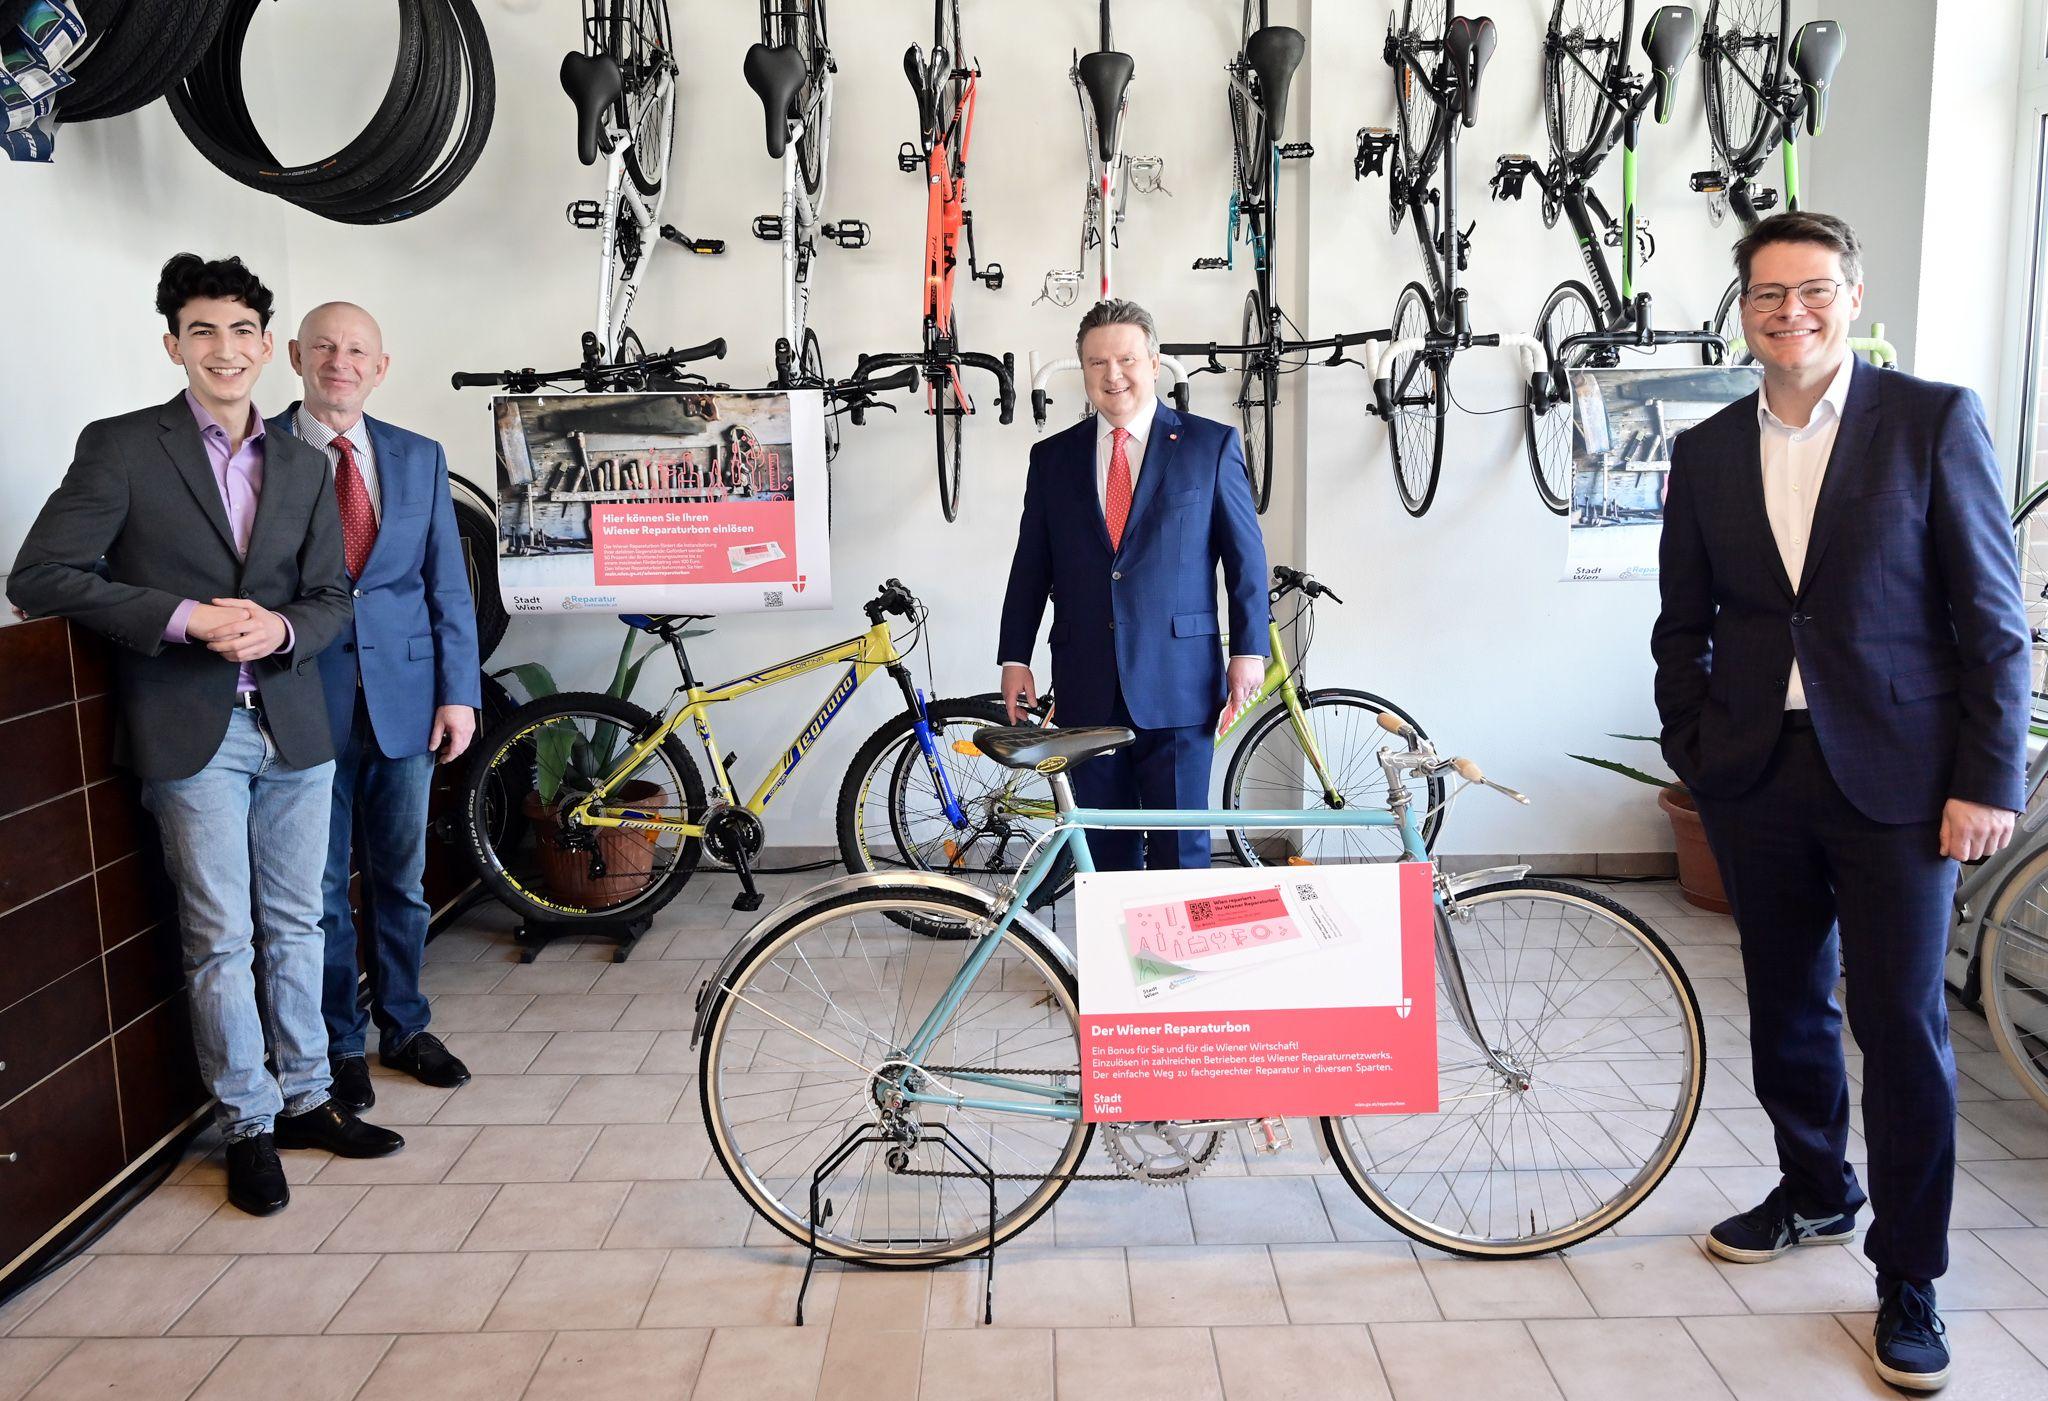 """Medientermin von Bürgermeister Ludwig und Stadtrat Czernohorszky zu """"Wiener Reparaturbon wird aufgestockt!"""""""